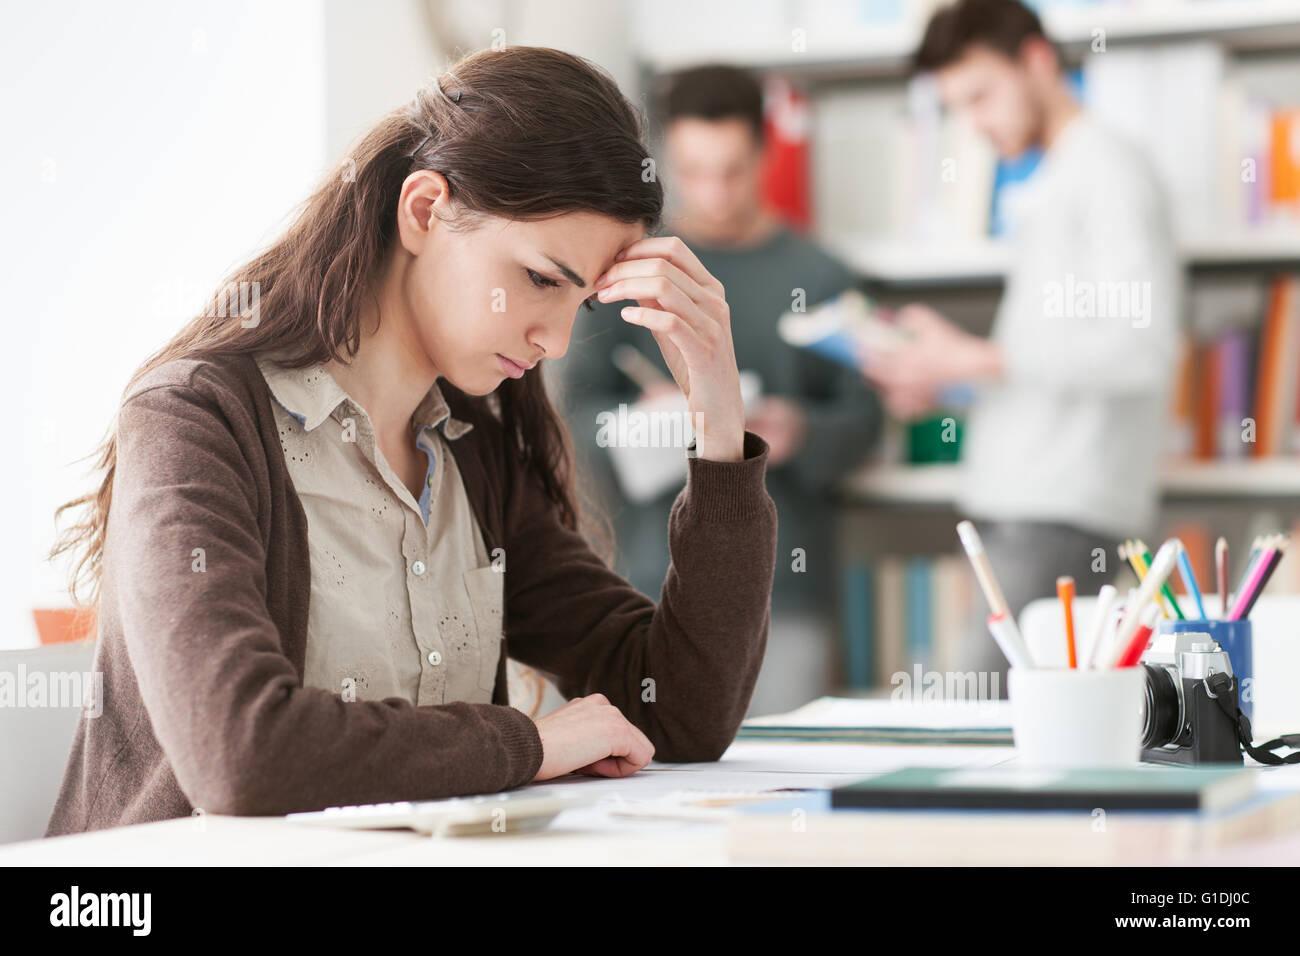 Junge Studentin mit Kopfschmerzen, sitzt sie am Schreibtisch und berühren den Kopf Stockbild